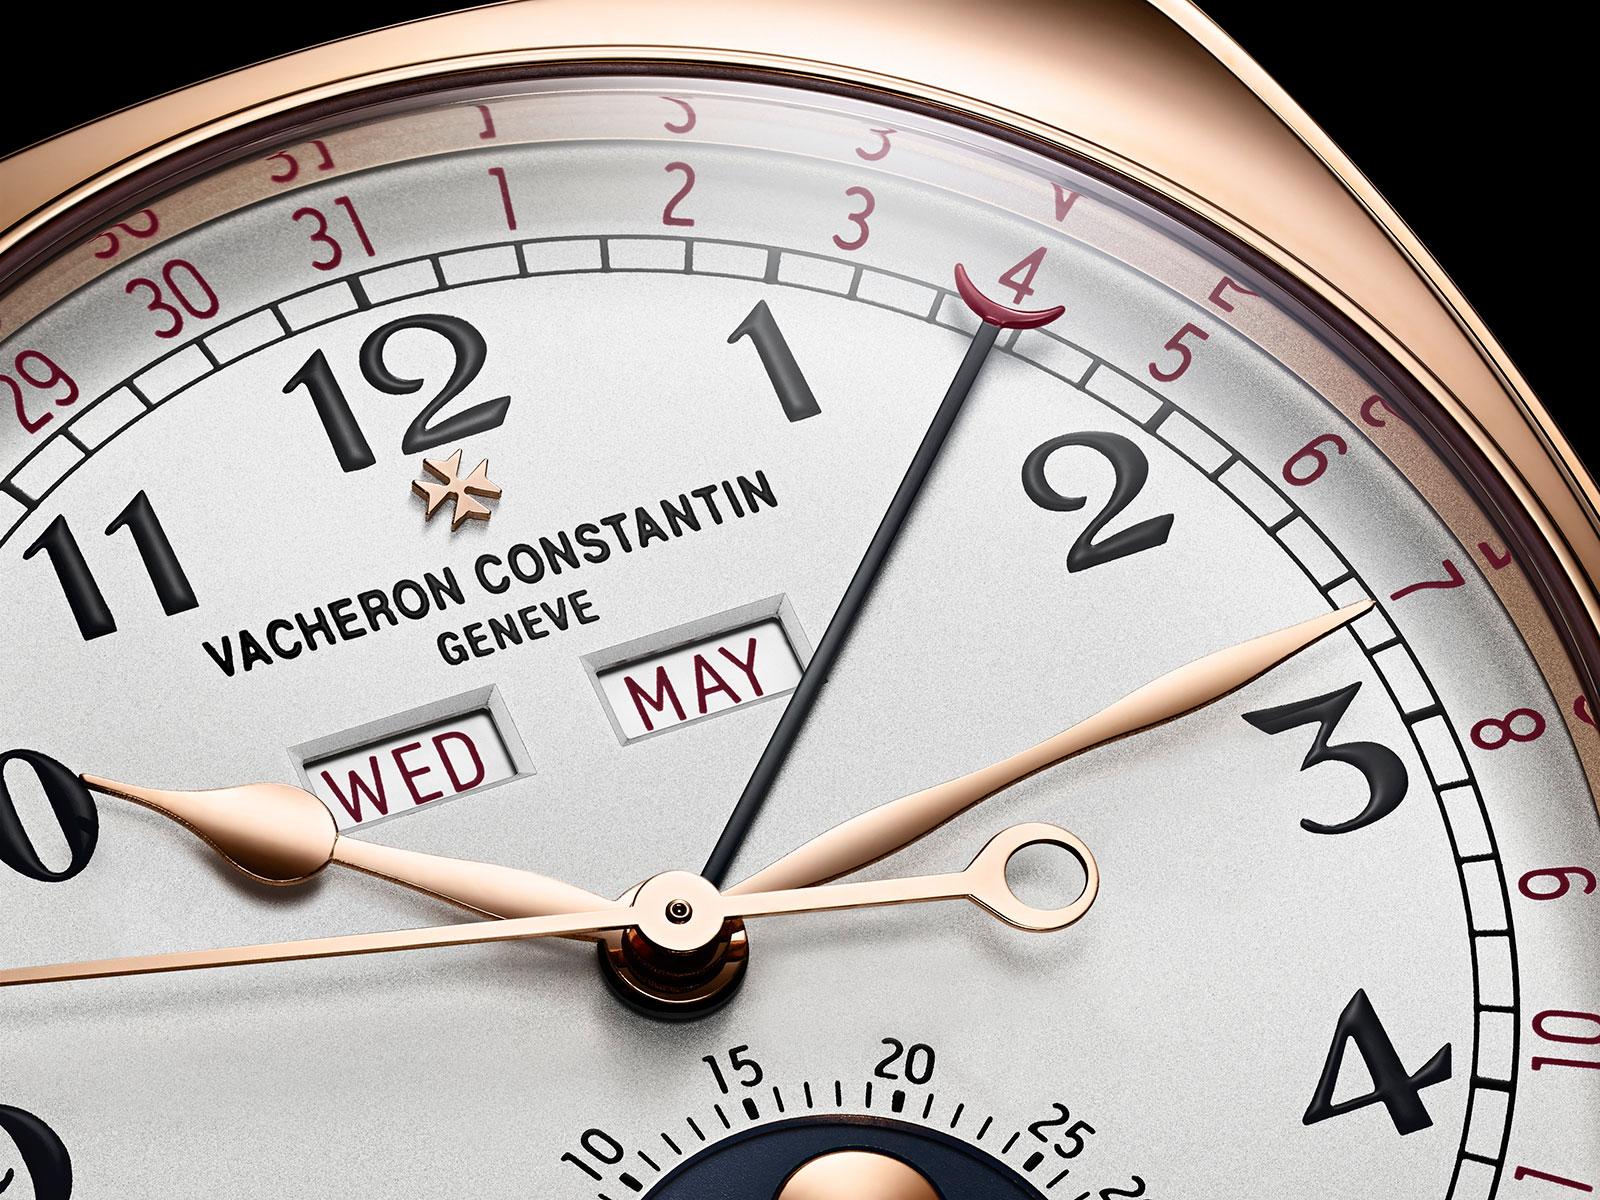 Vacheron Constantin Harmony complete calendar 4000S dial